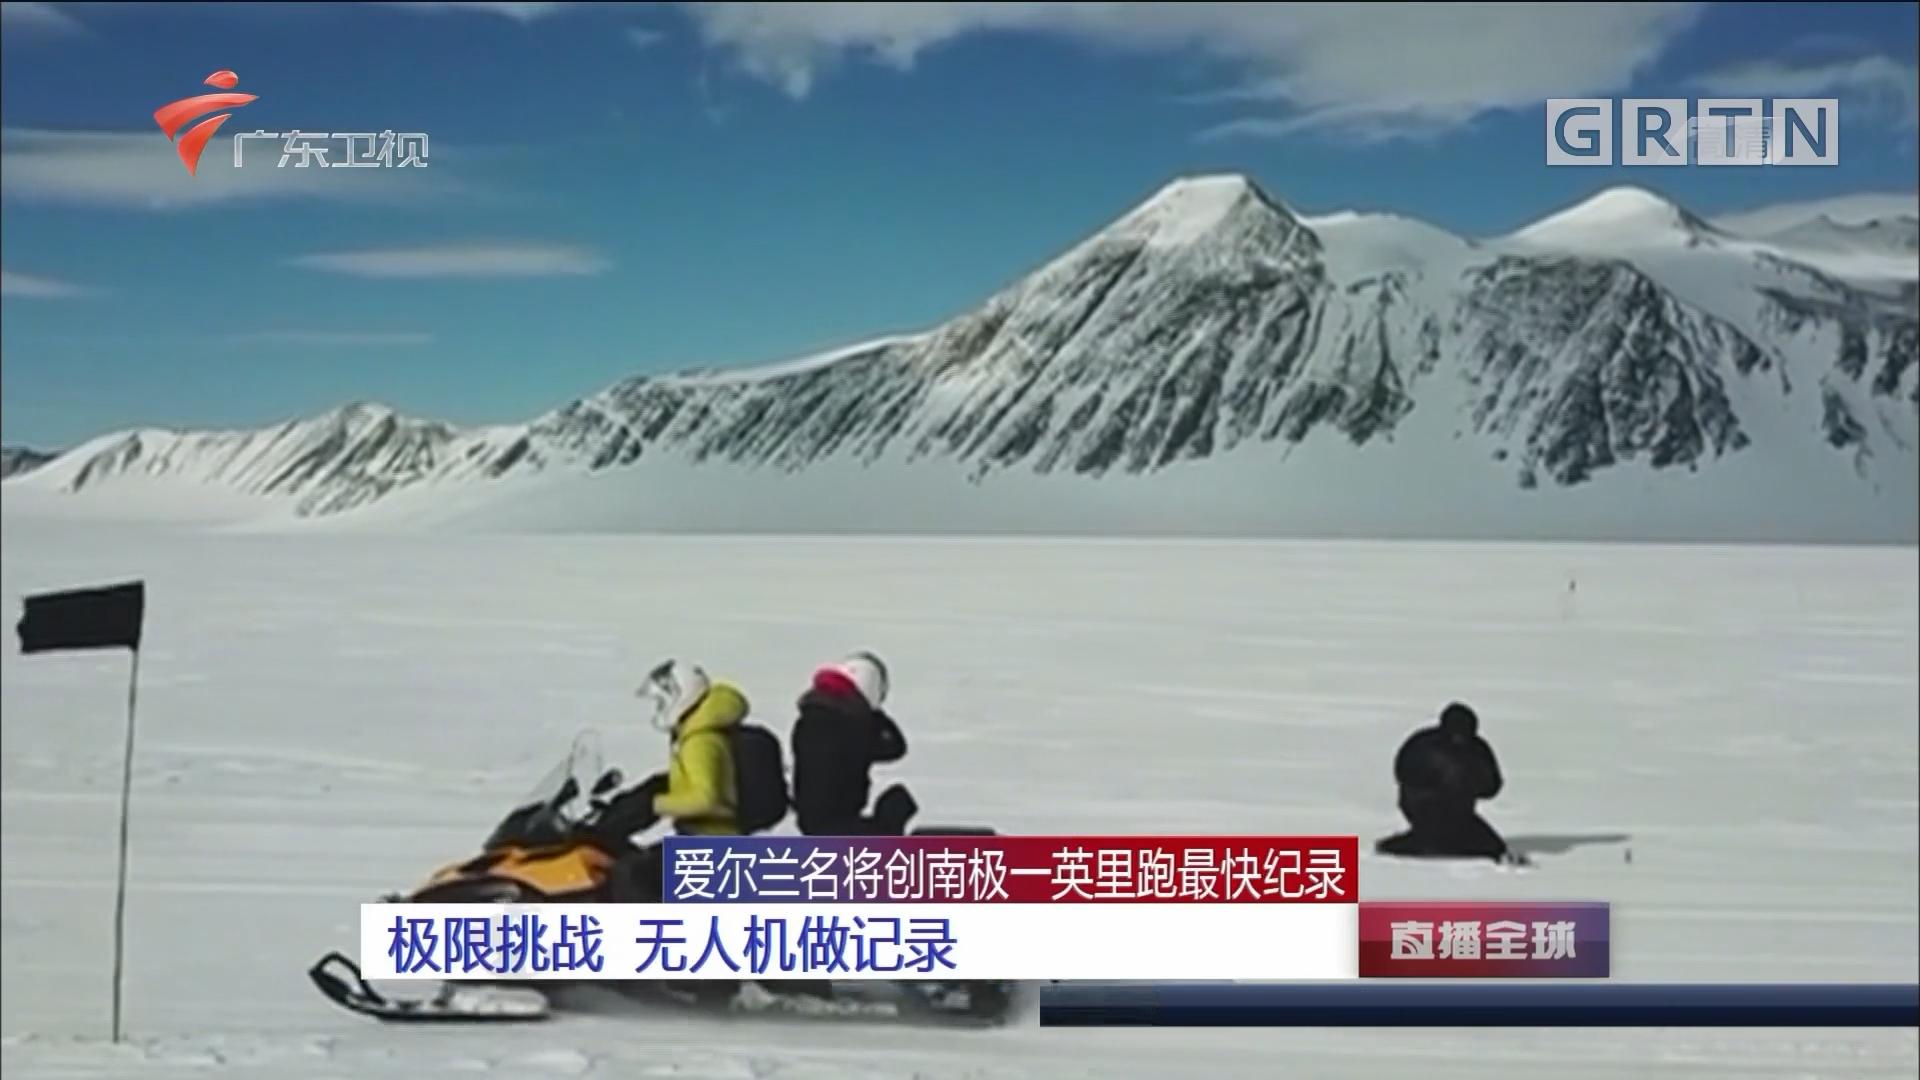 爱尔兰名将创南极一英里跑最快纪录:极限挑战 无人机做记录